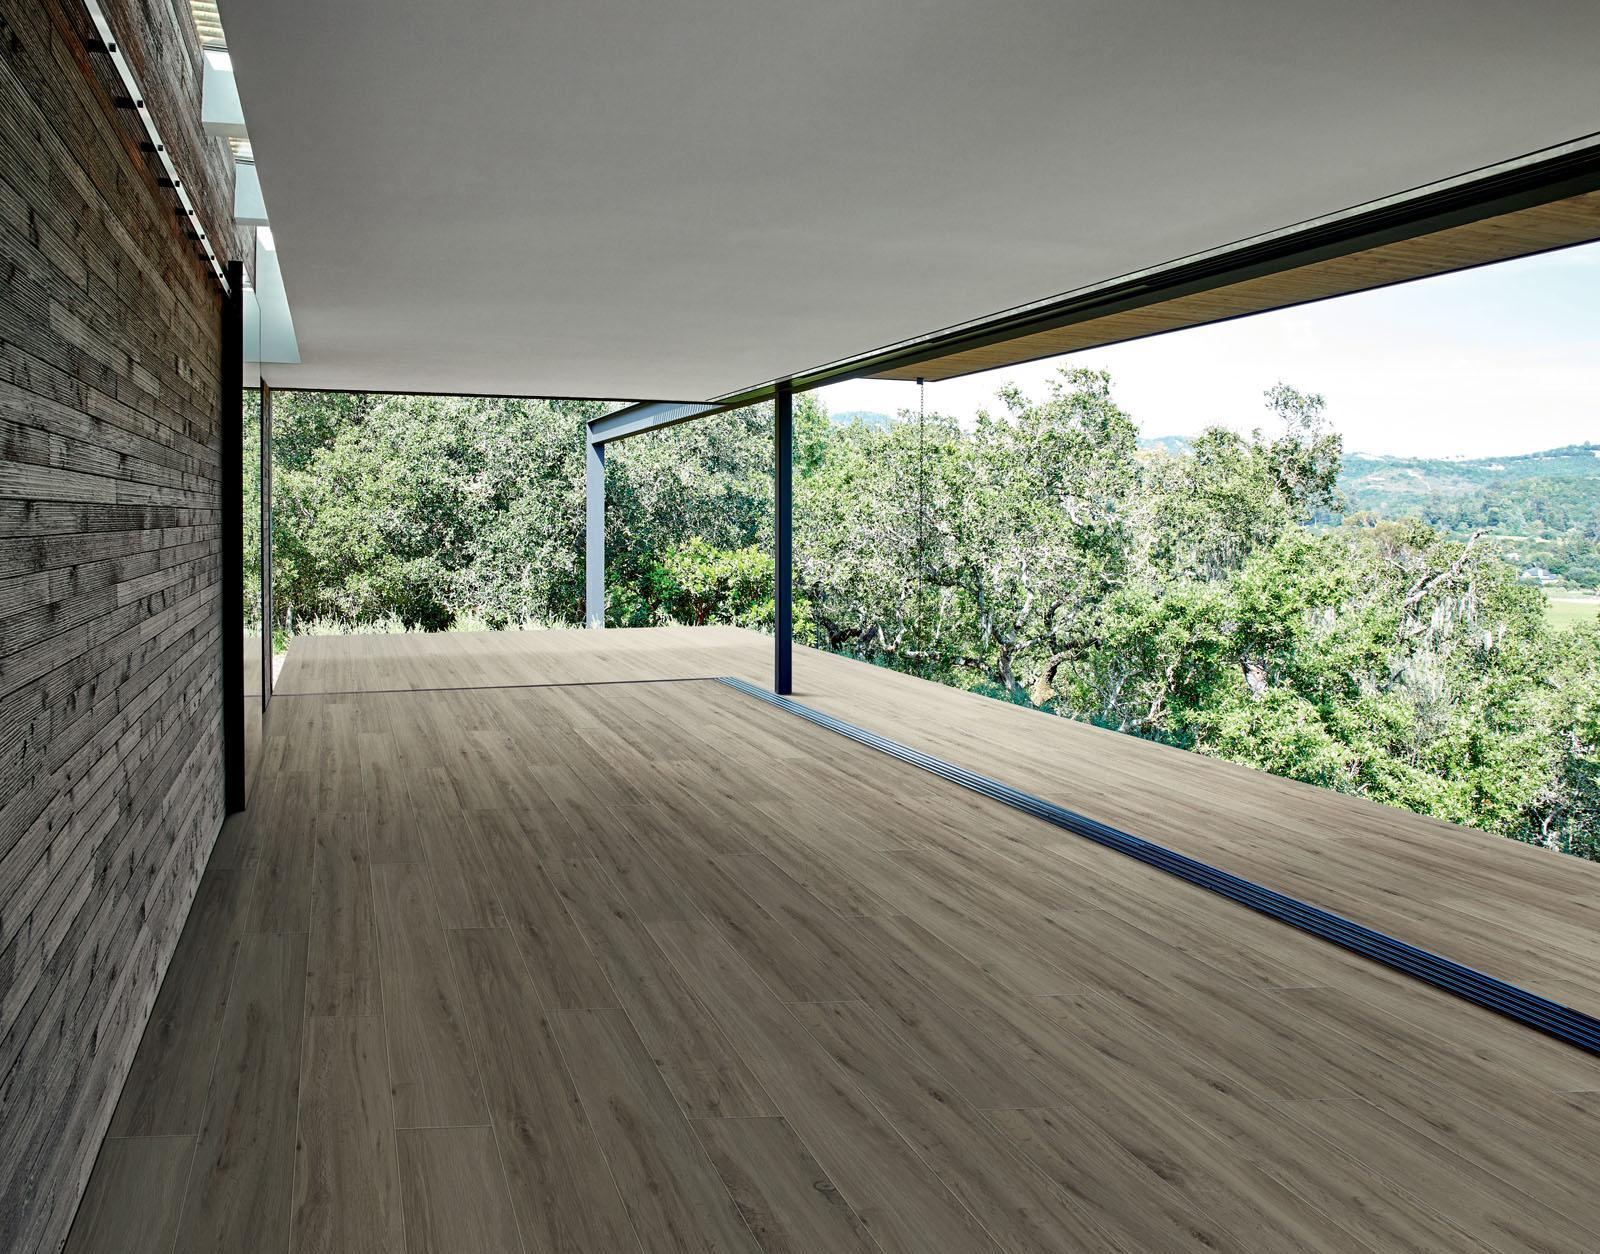 Pavimento Effetto Parquet Marazzi gres effetto legno dall'affascinante aspetto vissuto